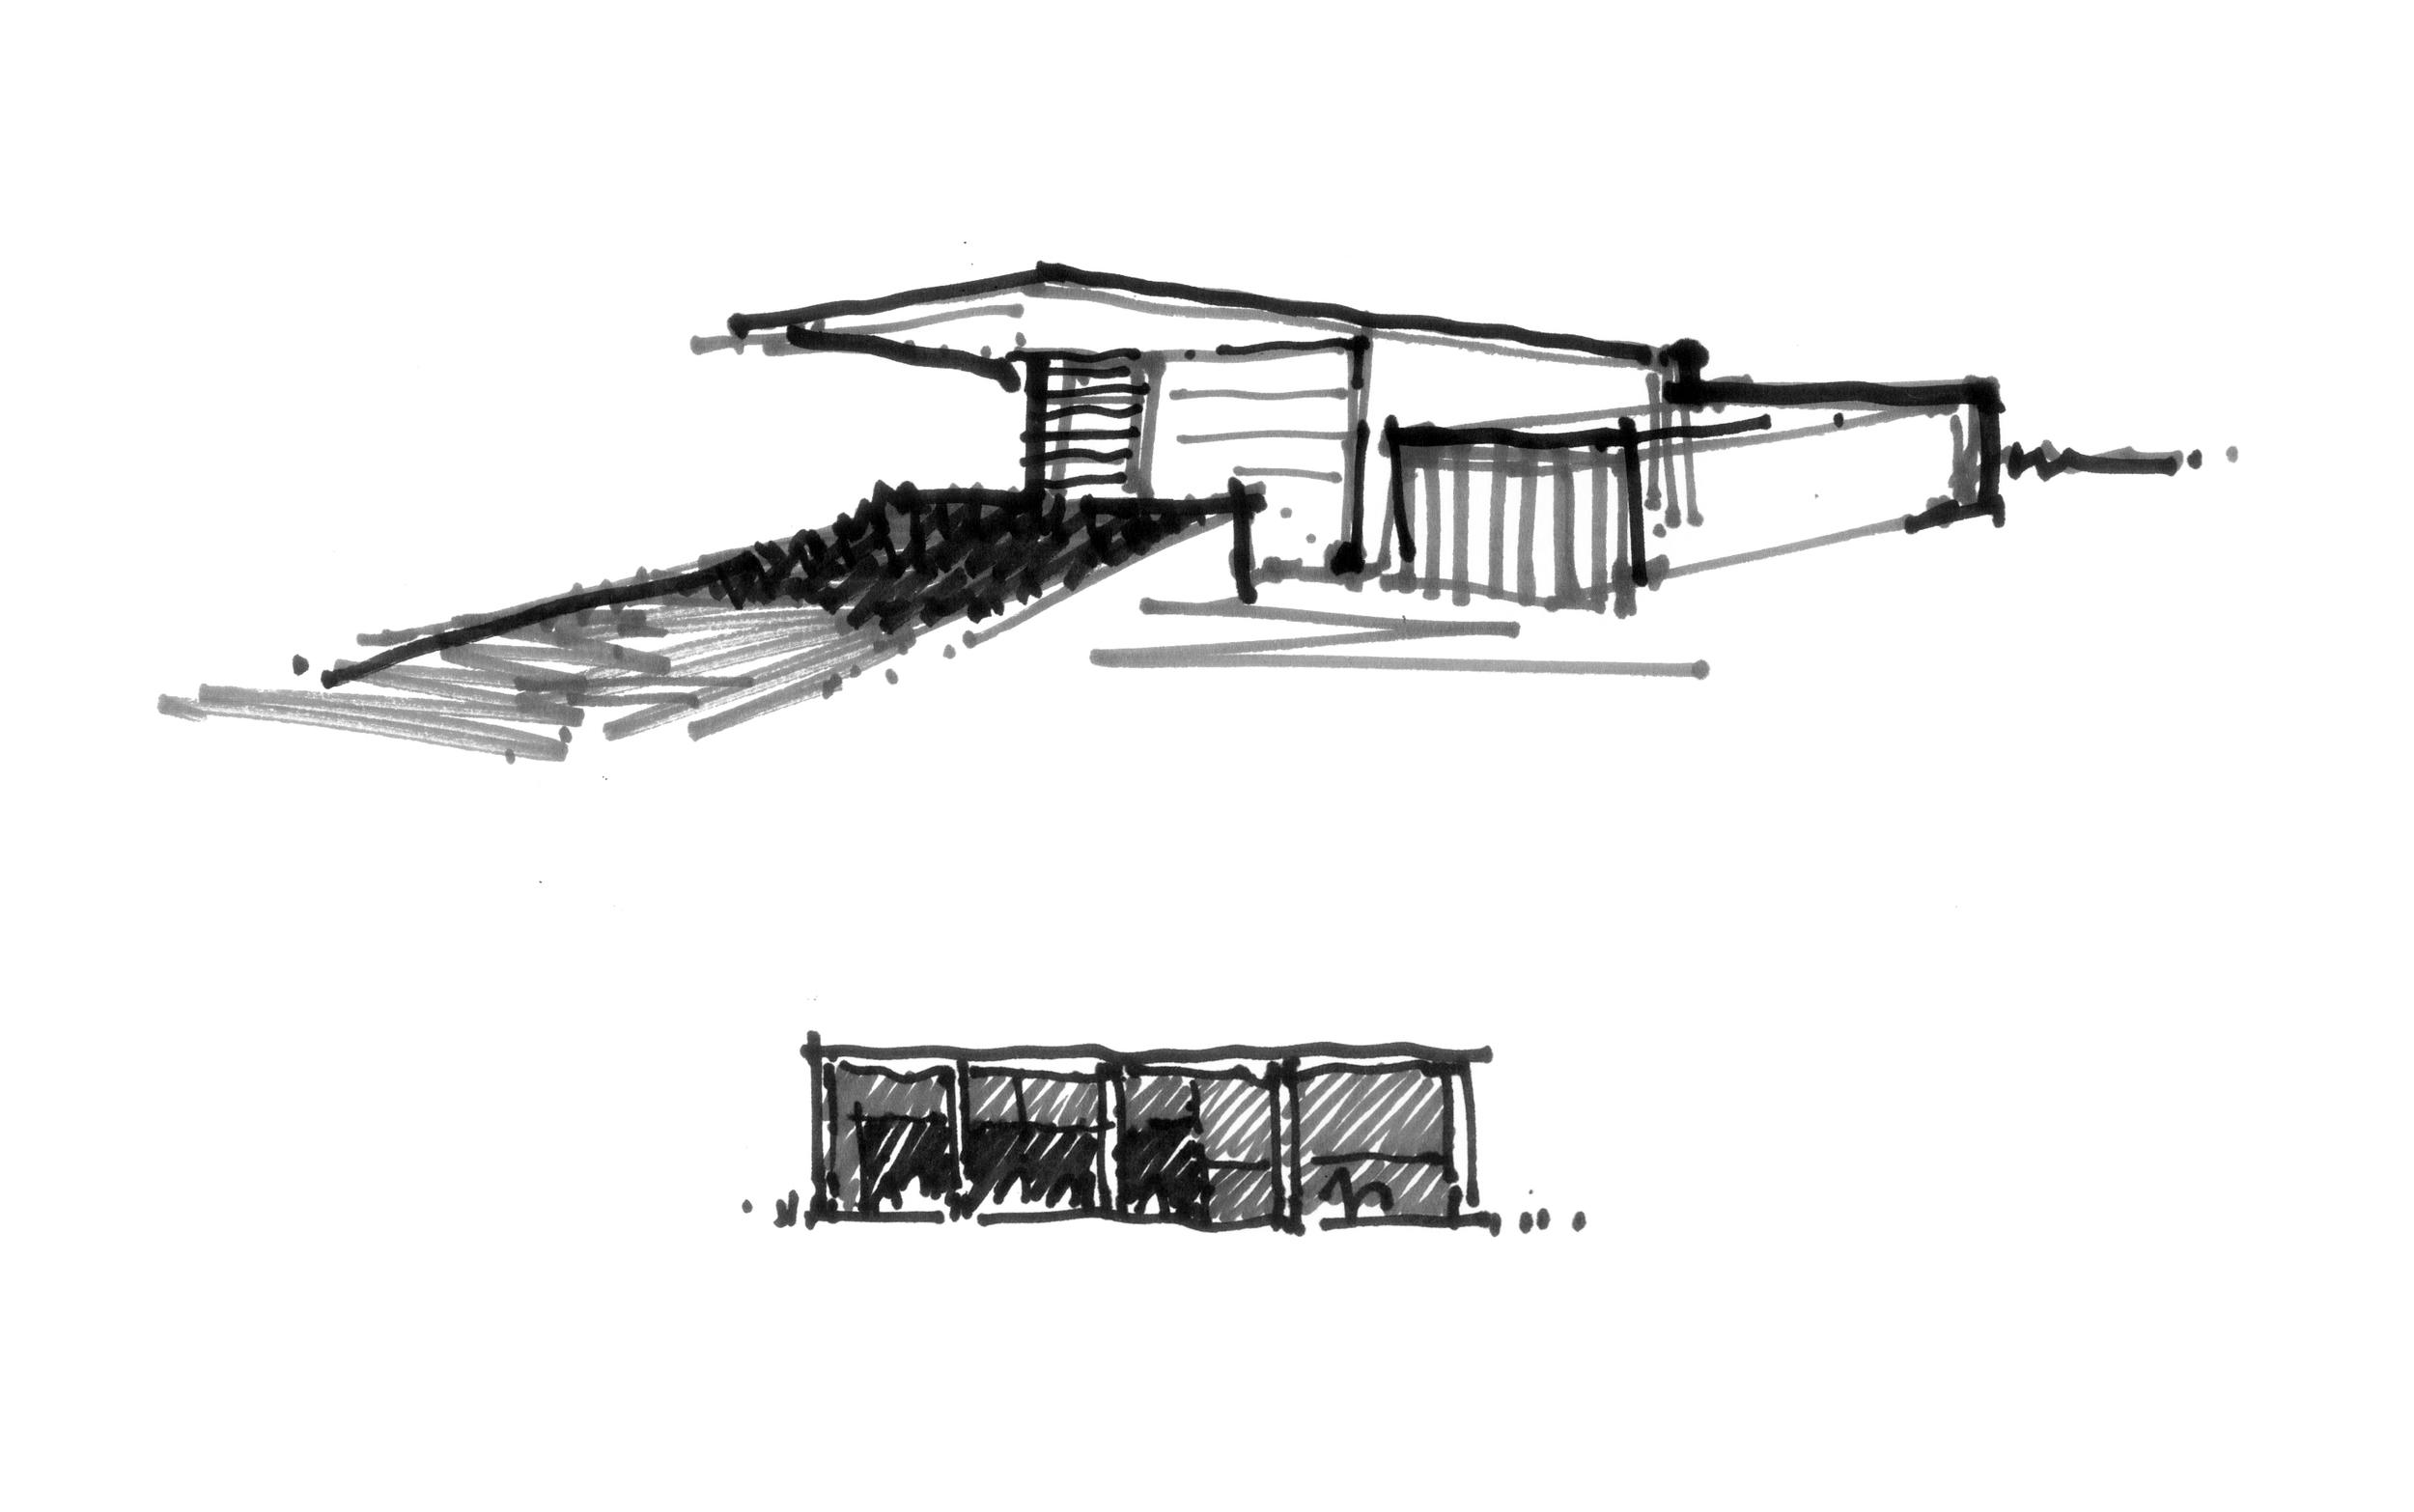 LAVC_sketch-18.jpg